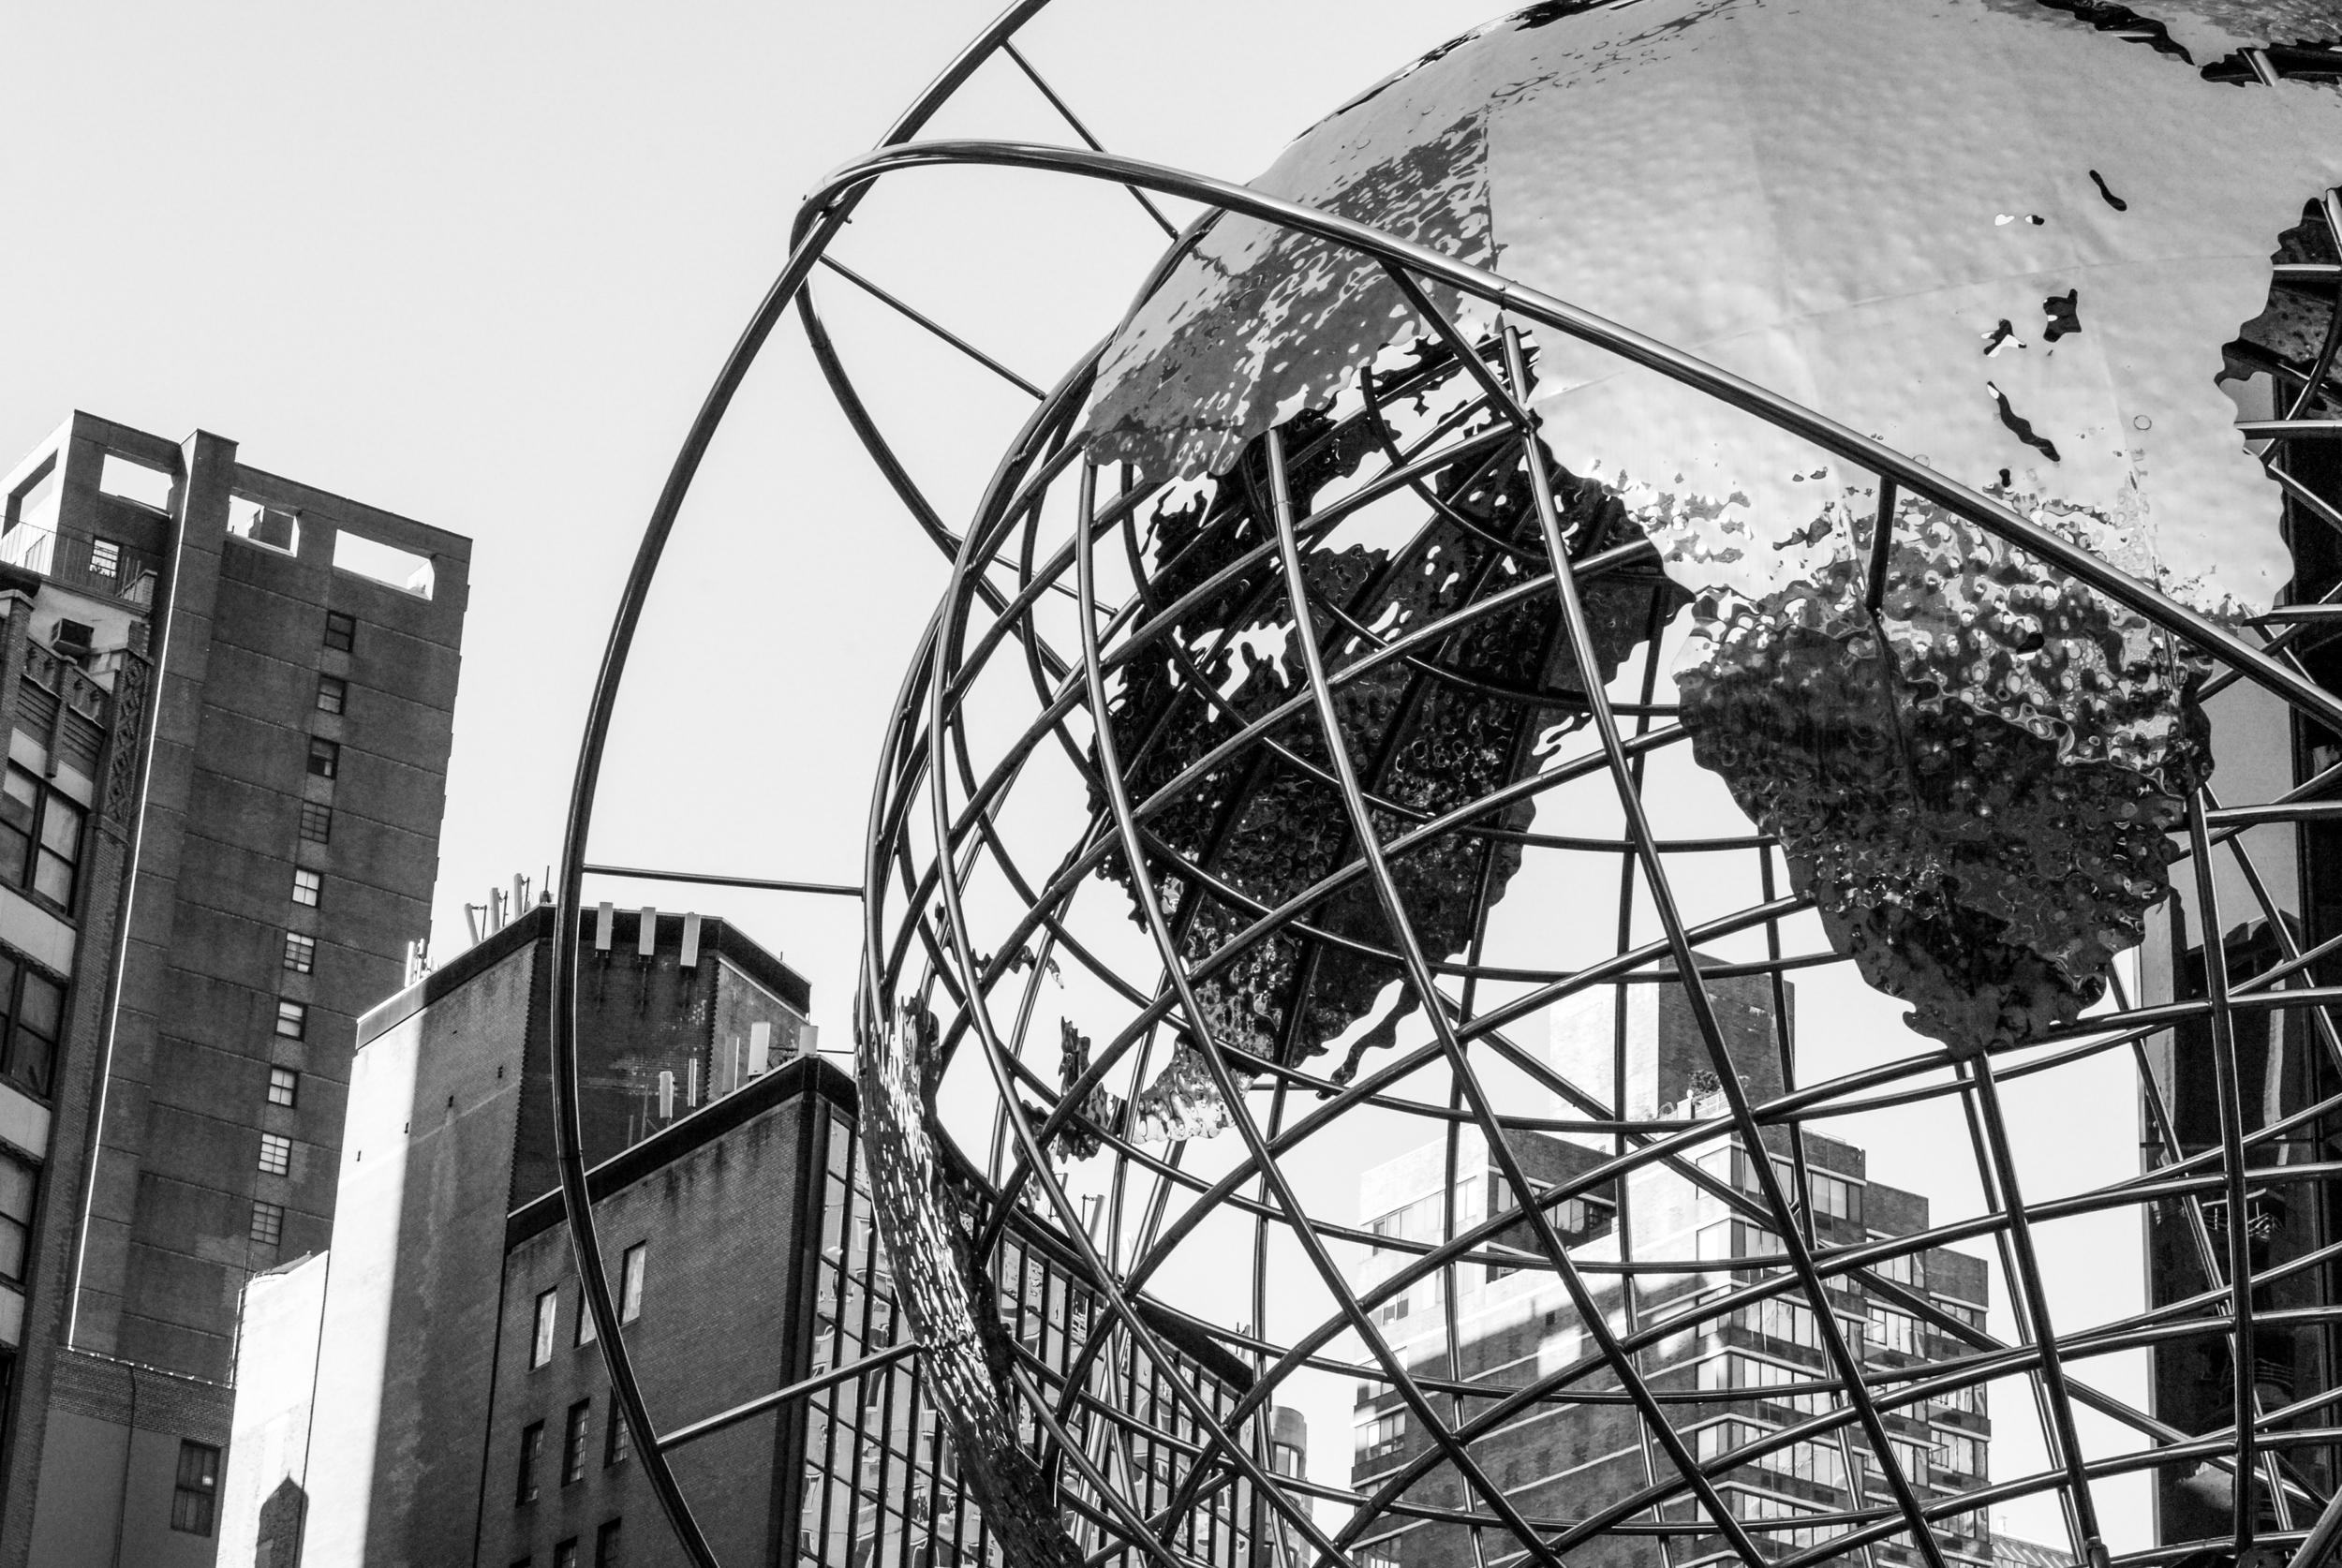 NYC_CityShots-0334.JPG